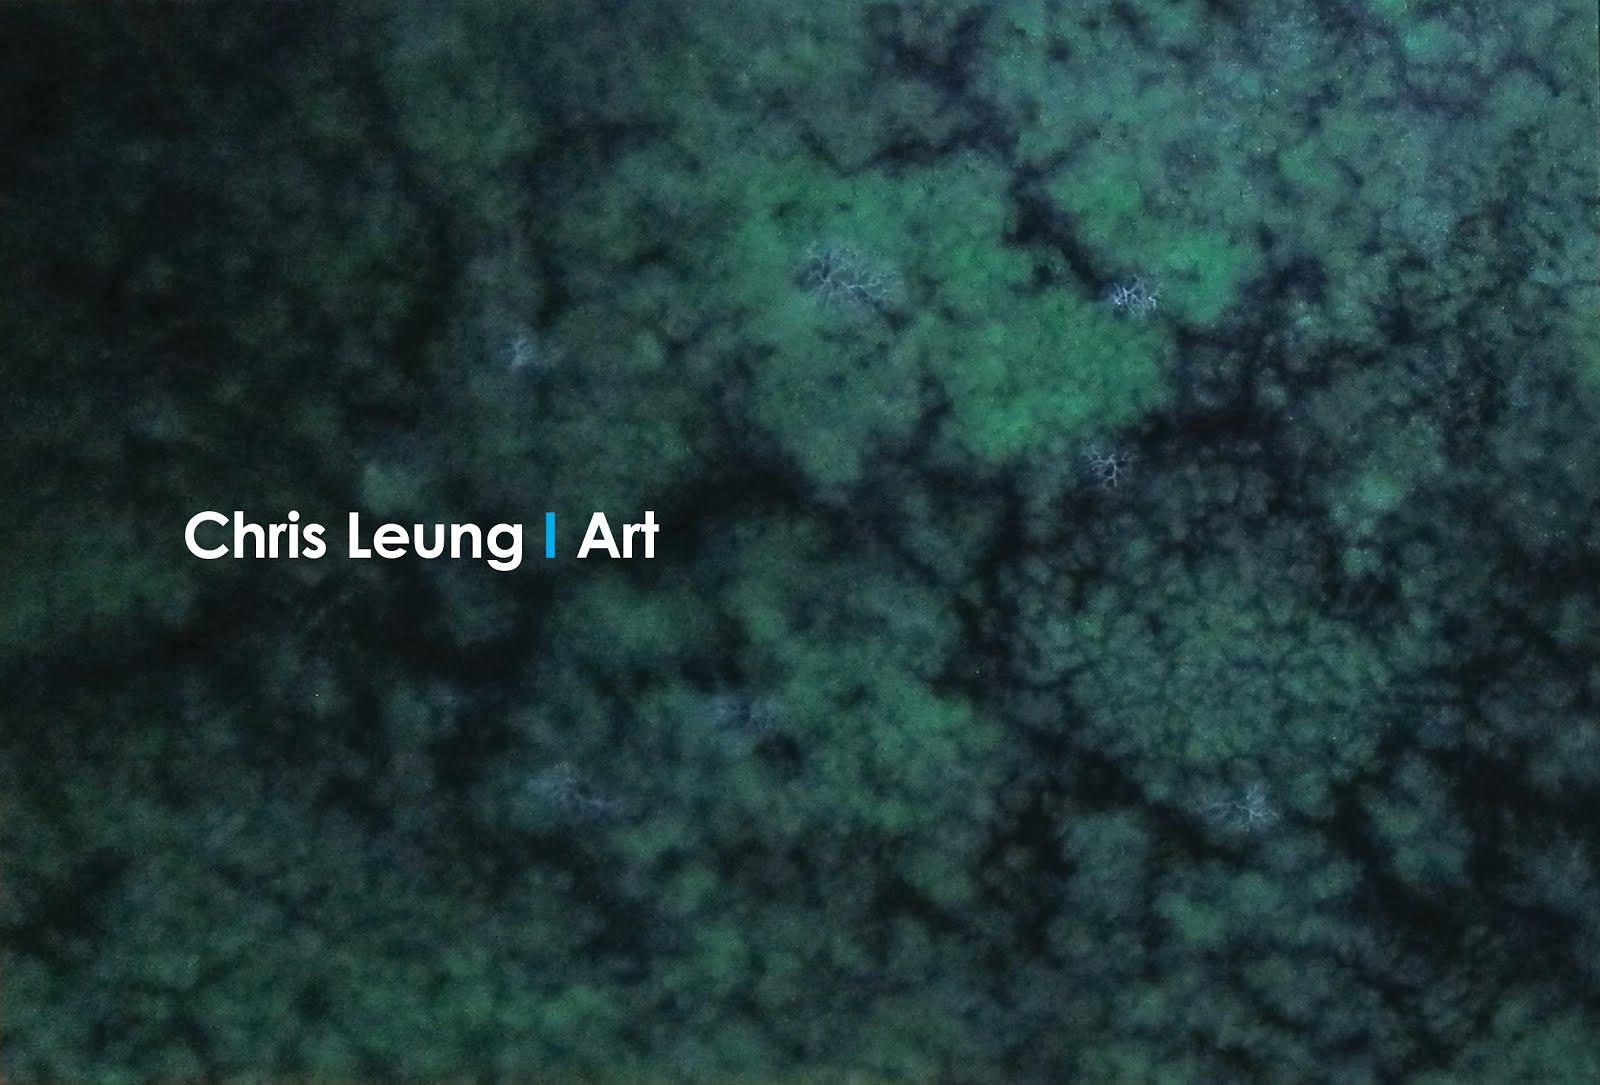 Chris Leung Art